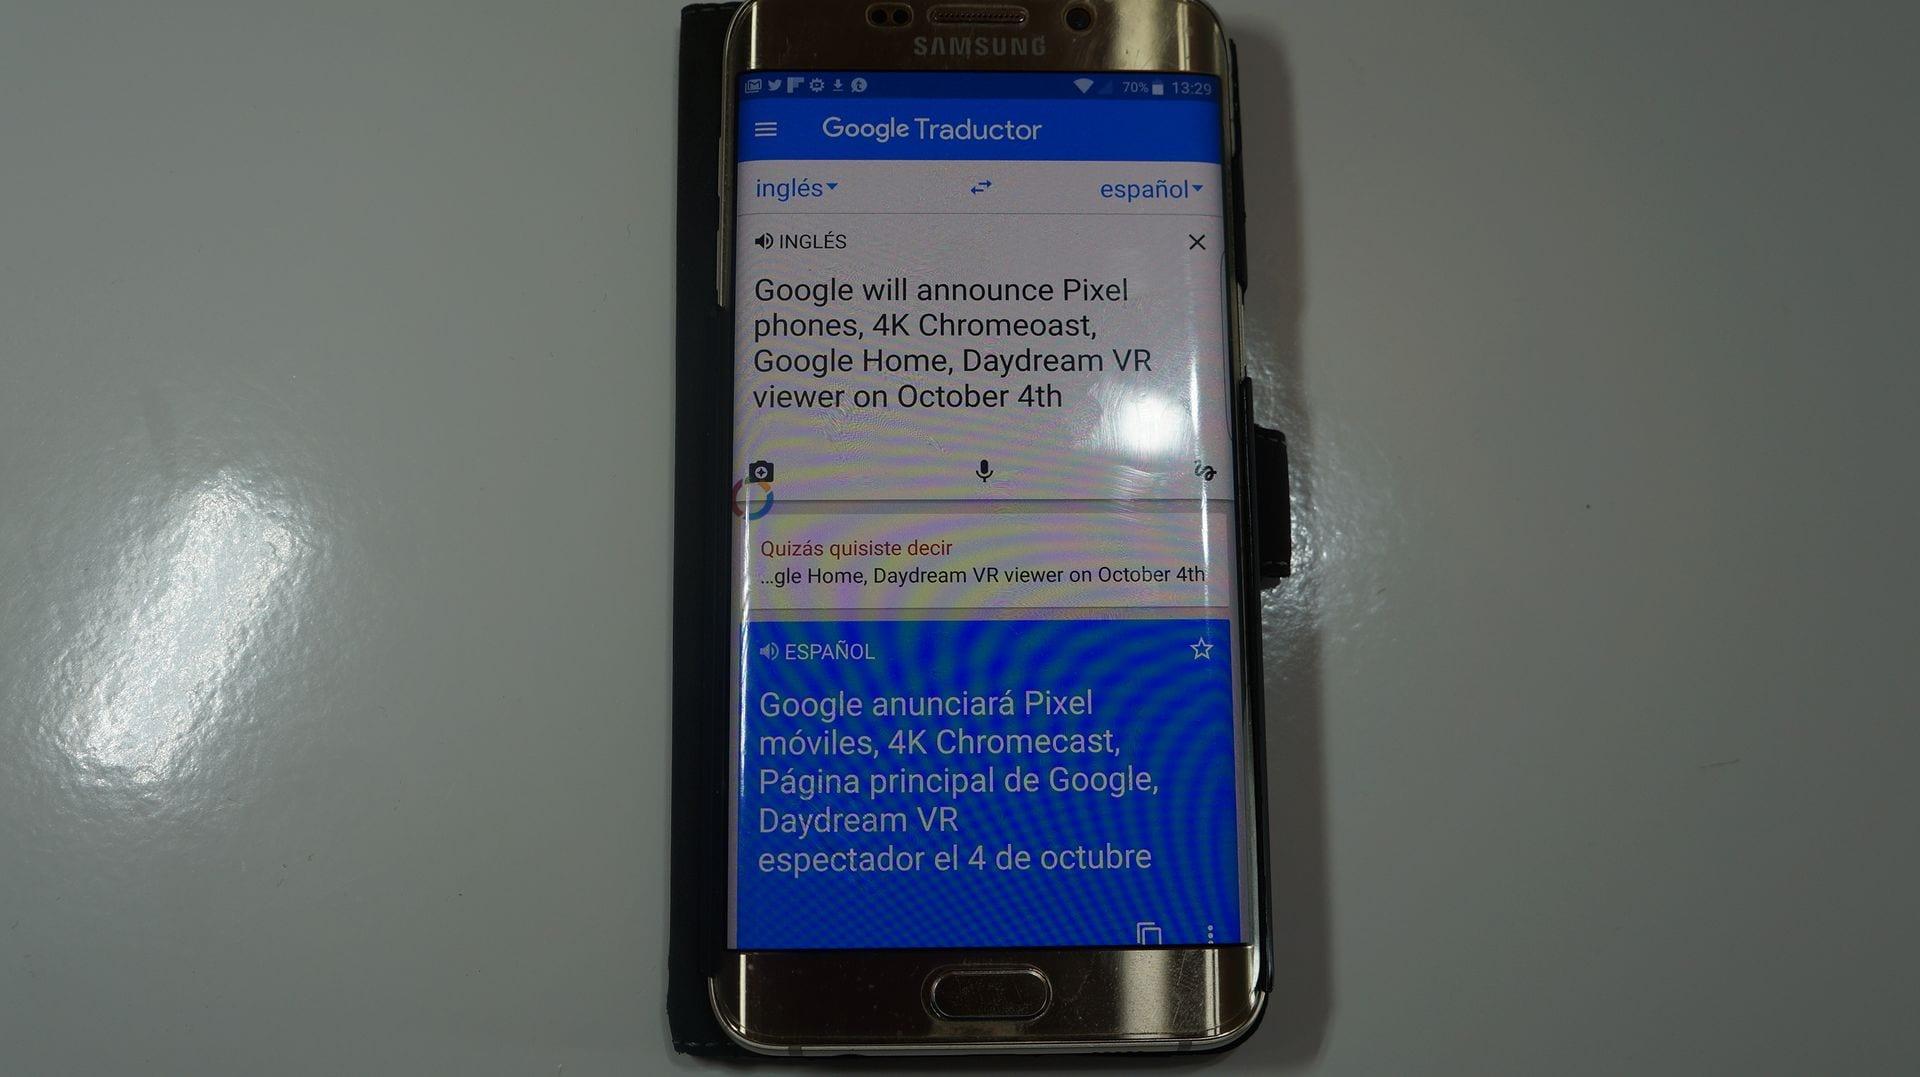 La mejor aplicación Android del mundo se llama FooView - Float Viewer y es gratis